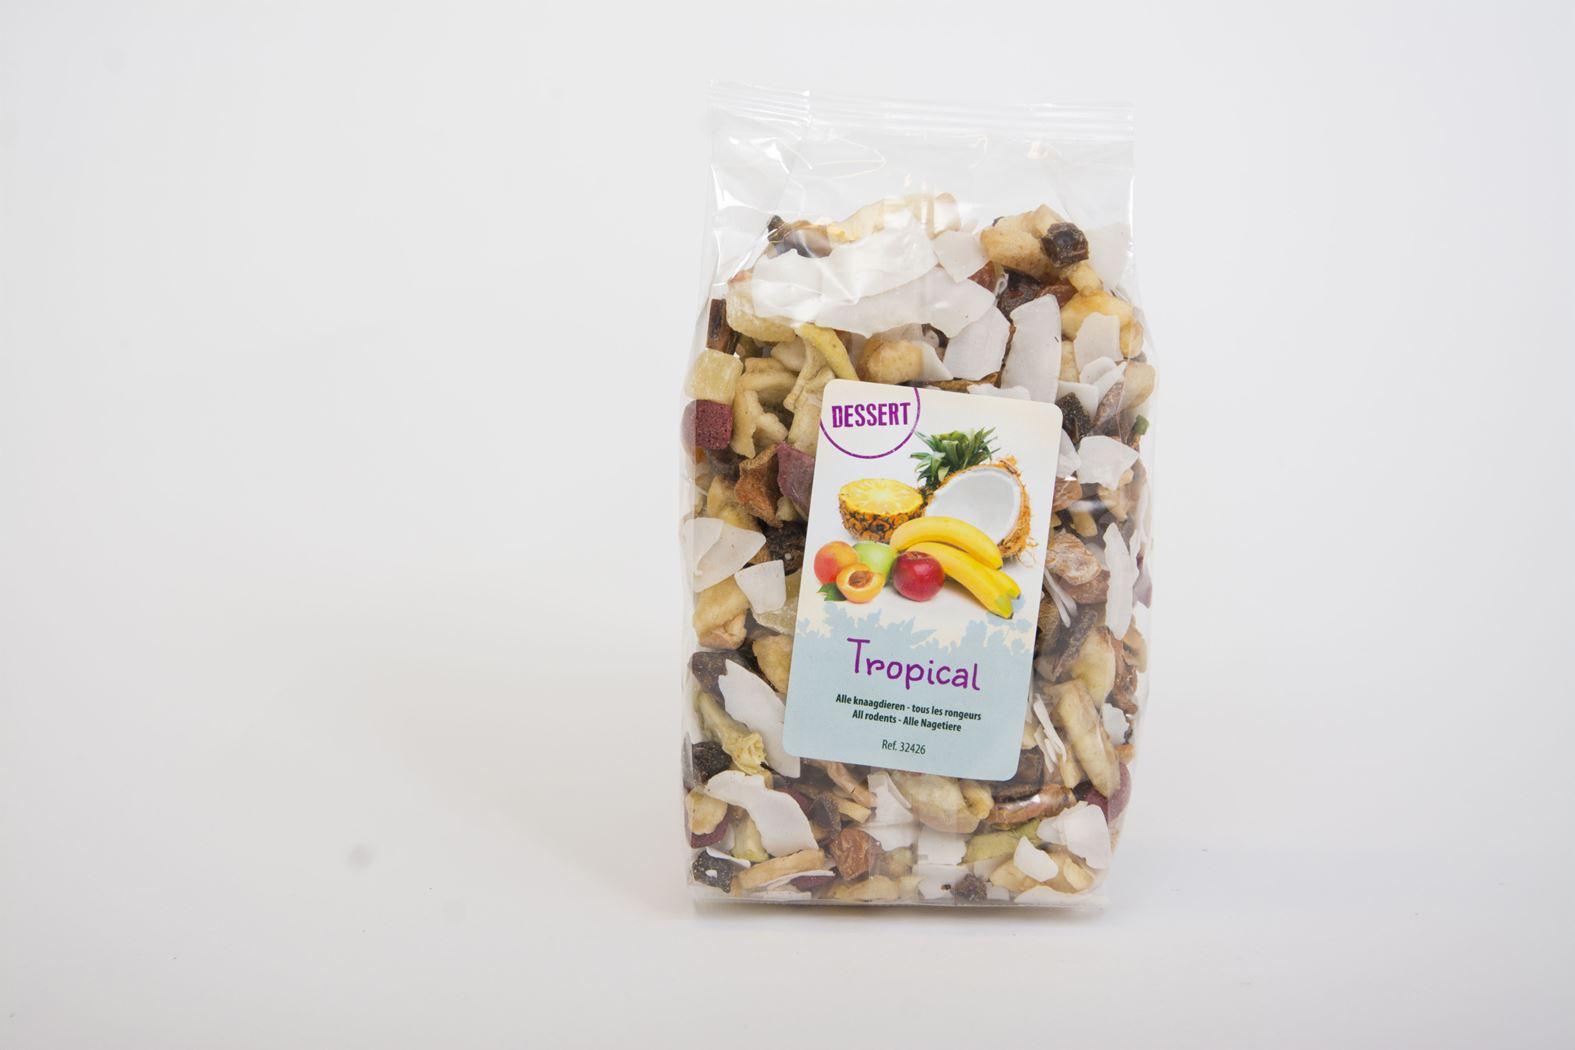 benelux-dessert-tropical